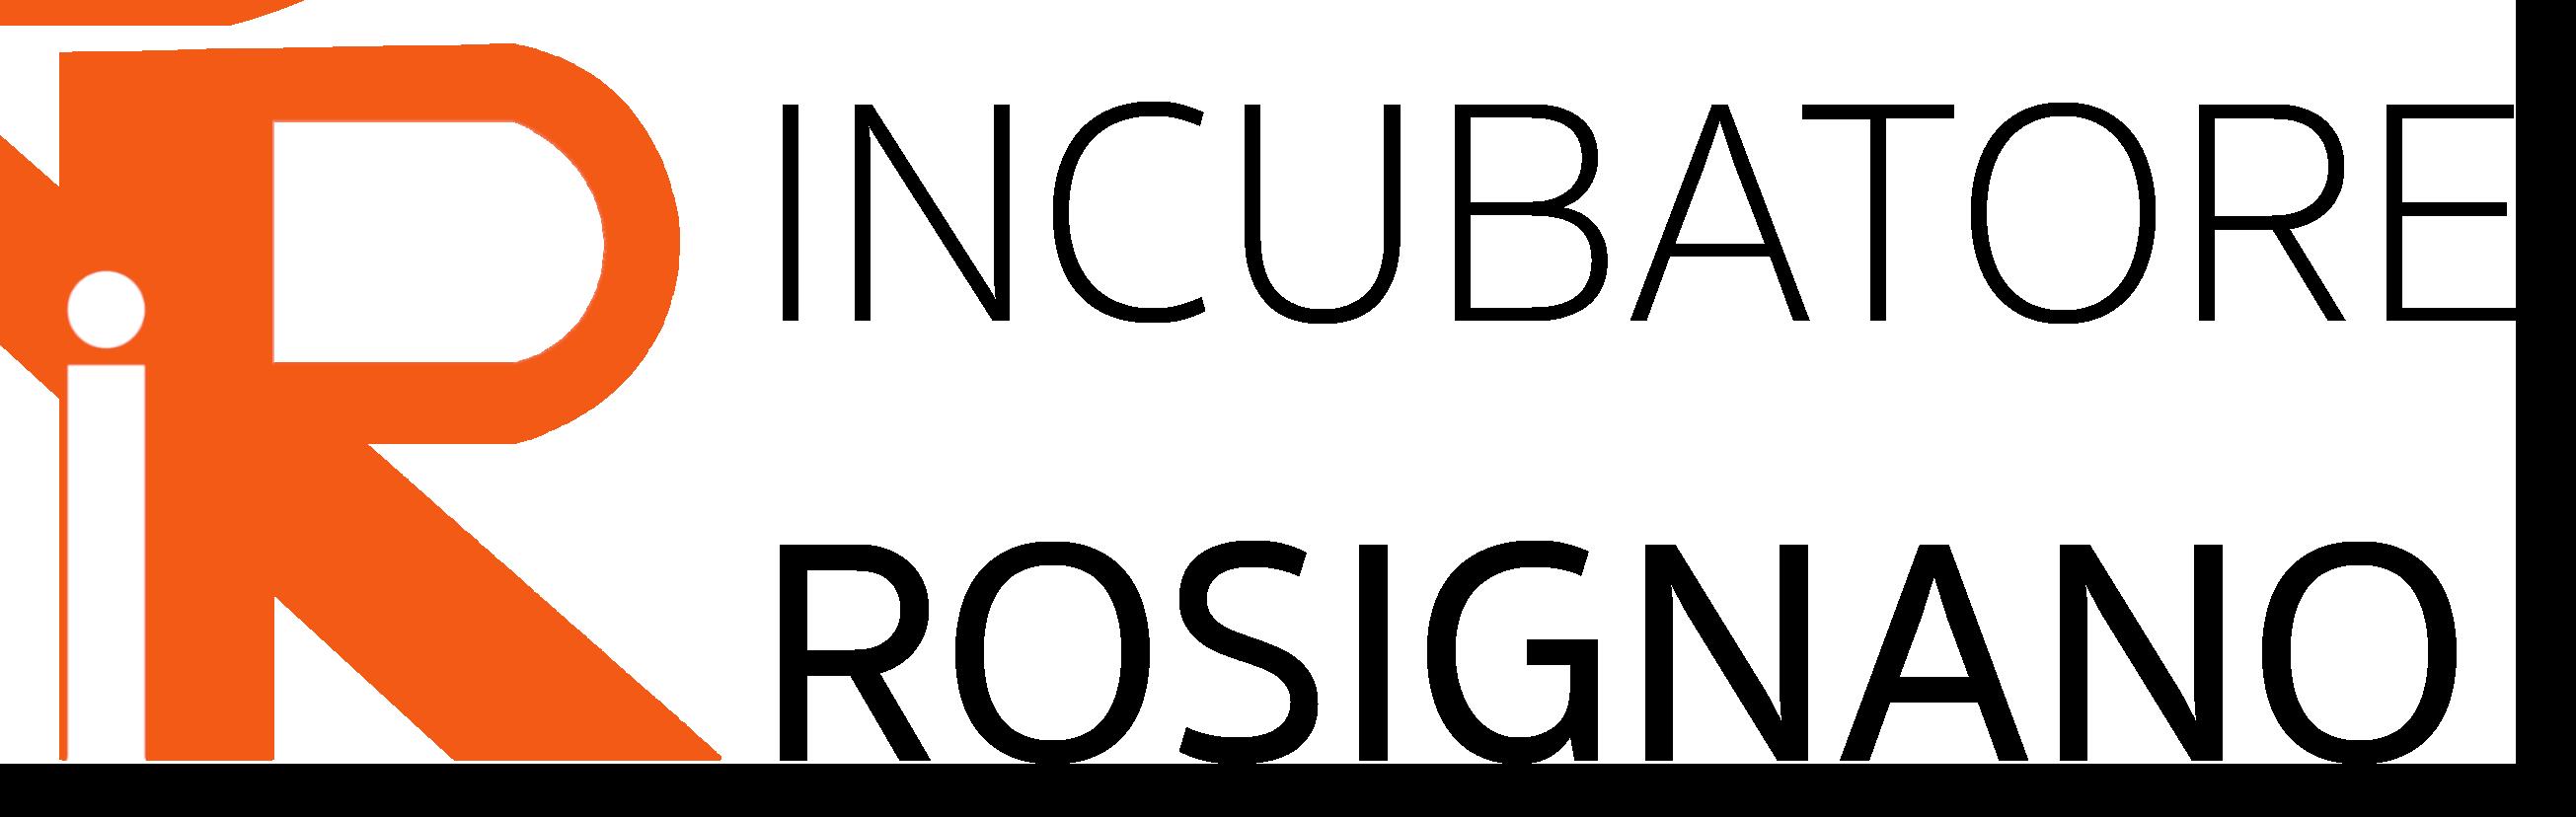 Incubatore Rosignano